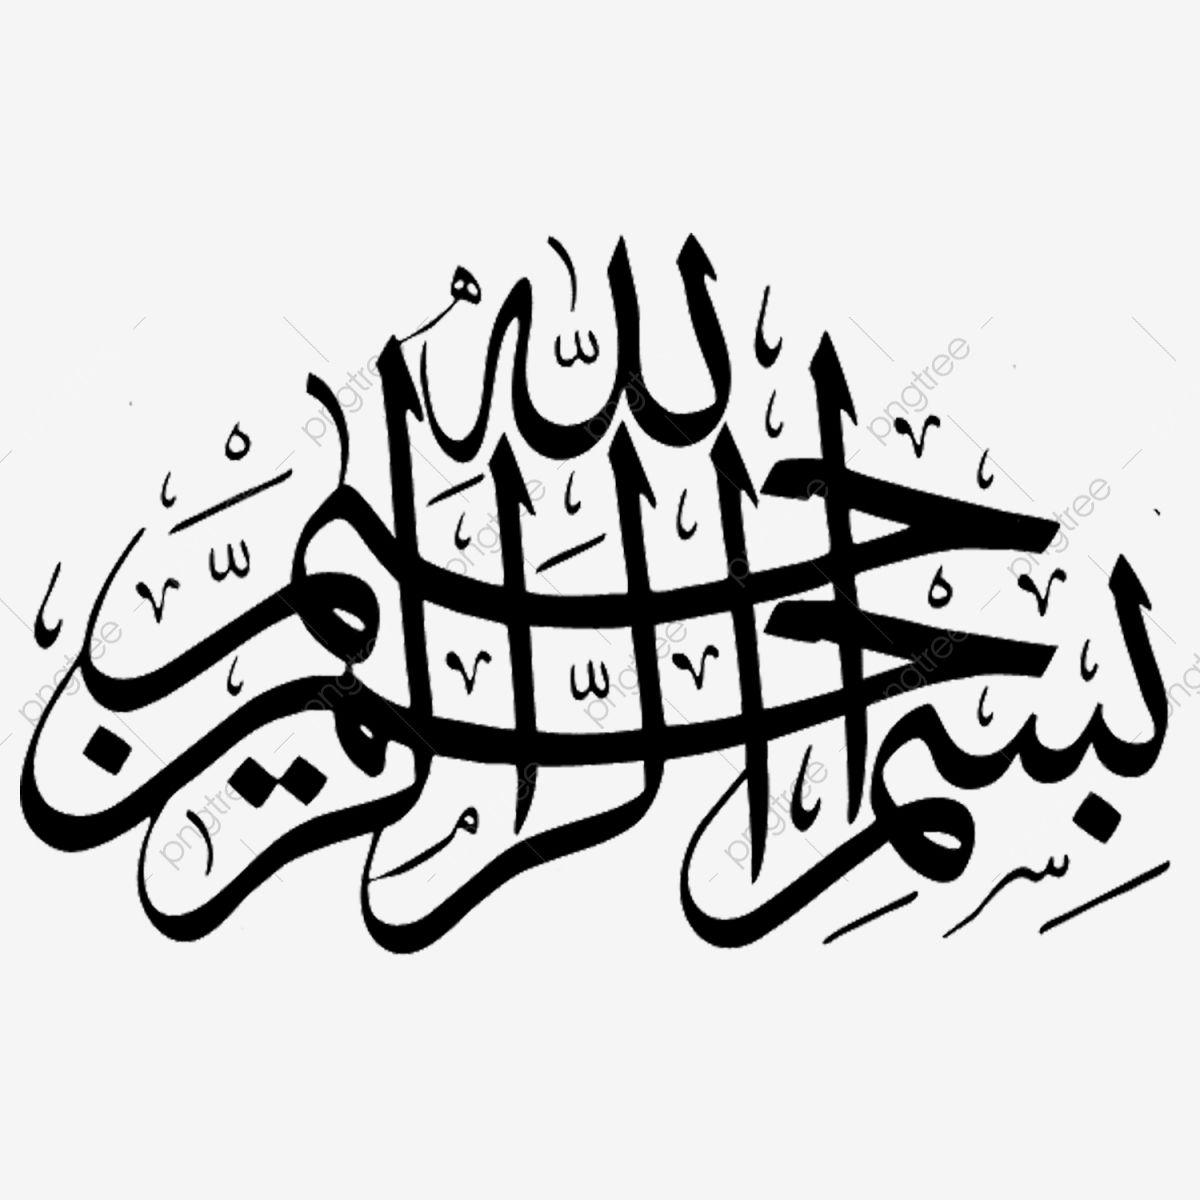 Bismillah Allah Basmallah Png Transparent Clipart Image And Psd File For Free Download Pola Geometris Template Kartu Desain Vektor